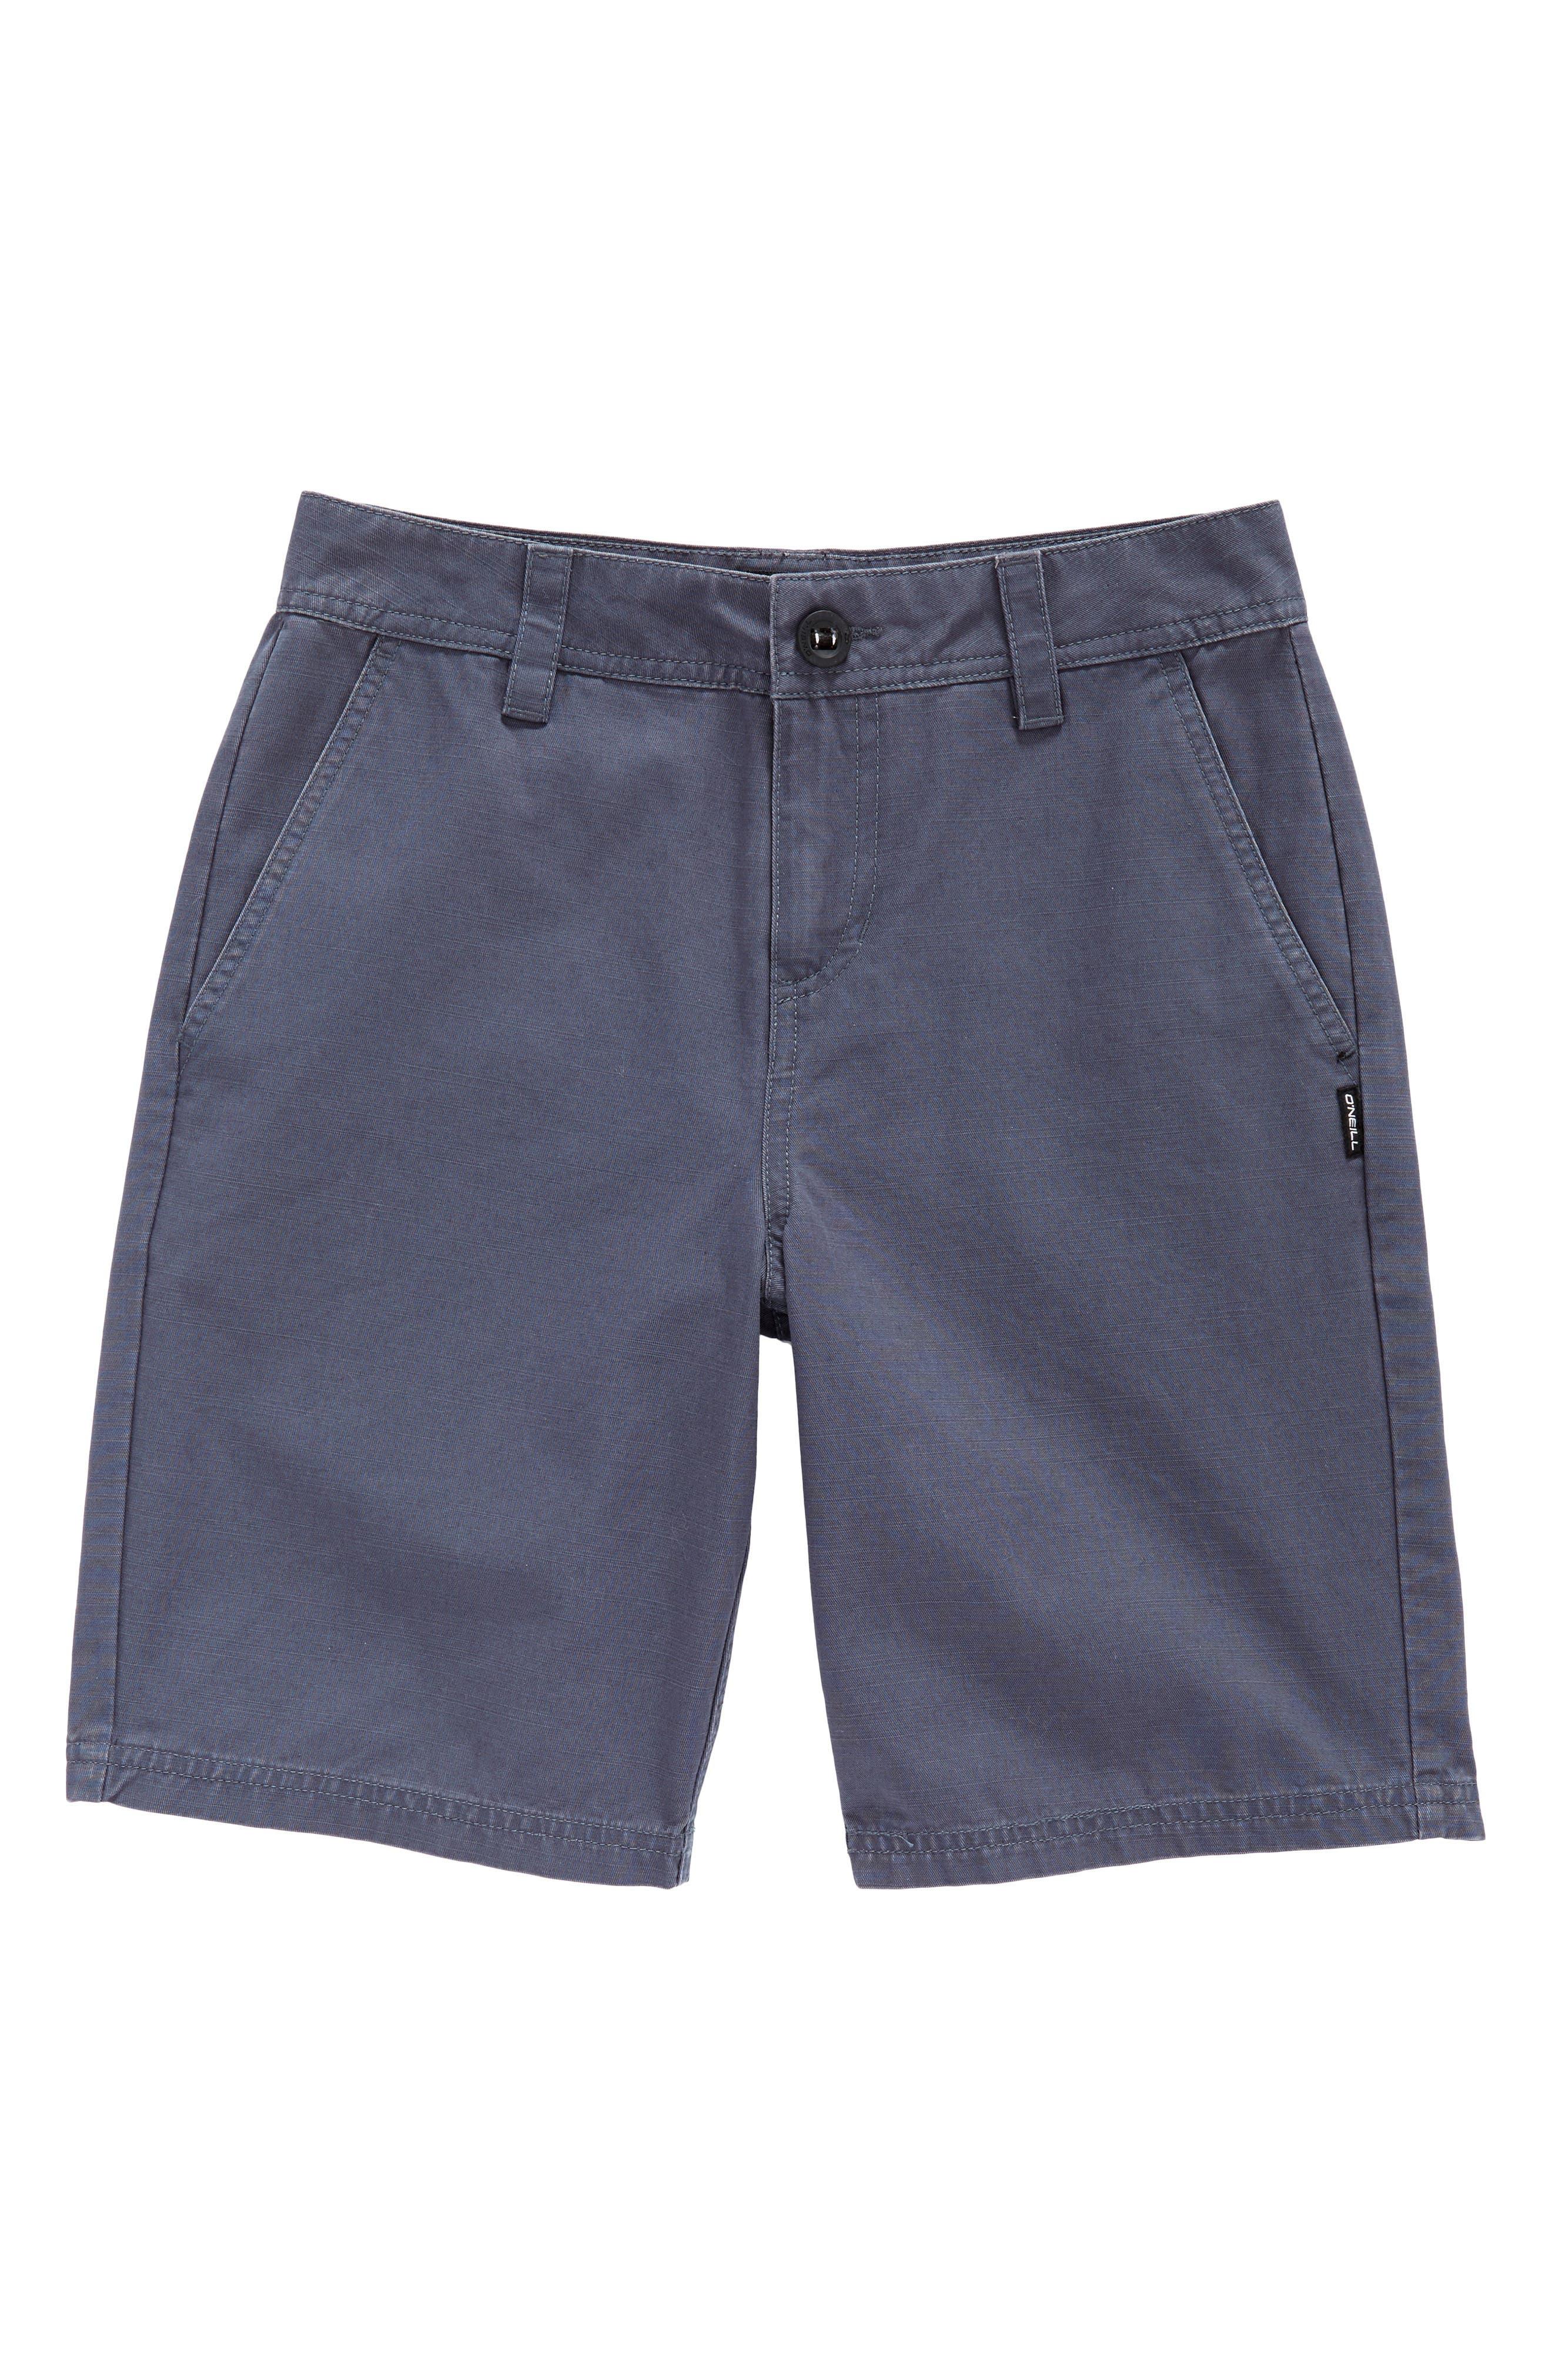 Jay Chino Shorts,                         Main,                         color, Slate